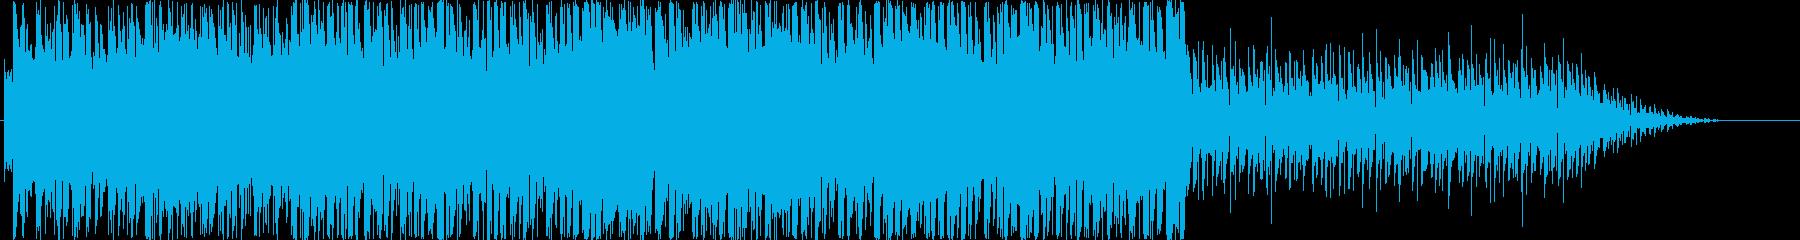 アシッド、BGM、近未来の再生済みの波形